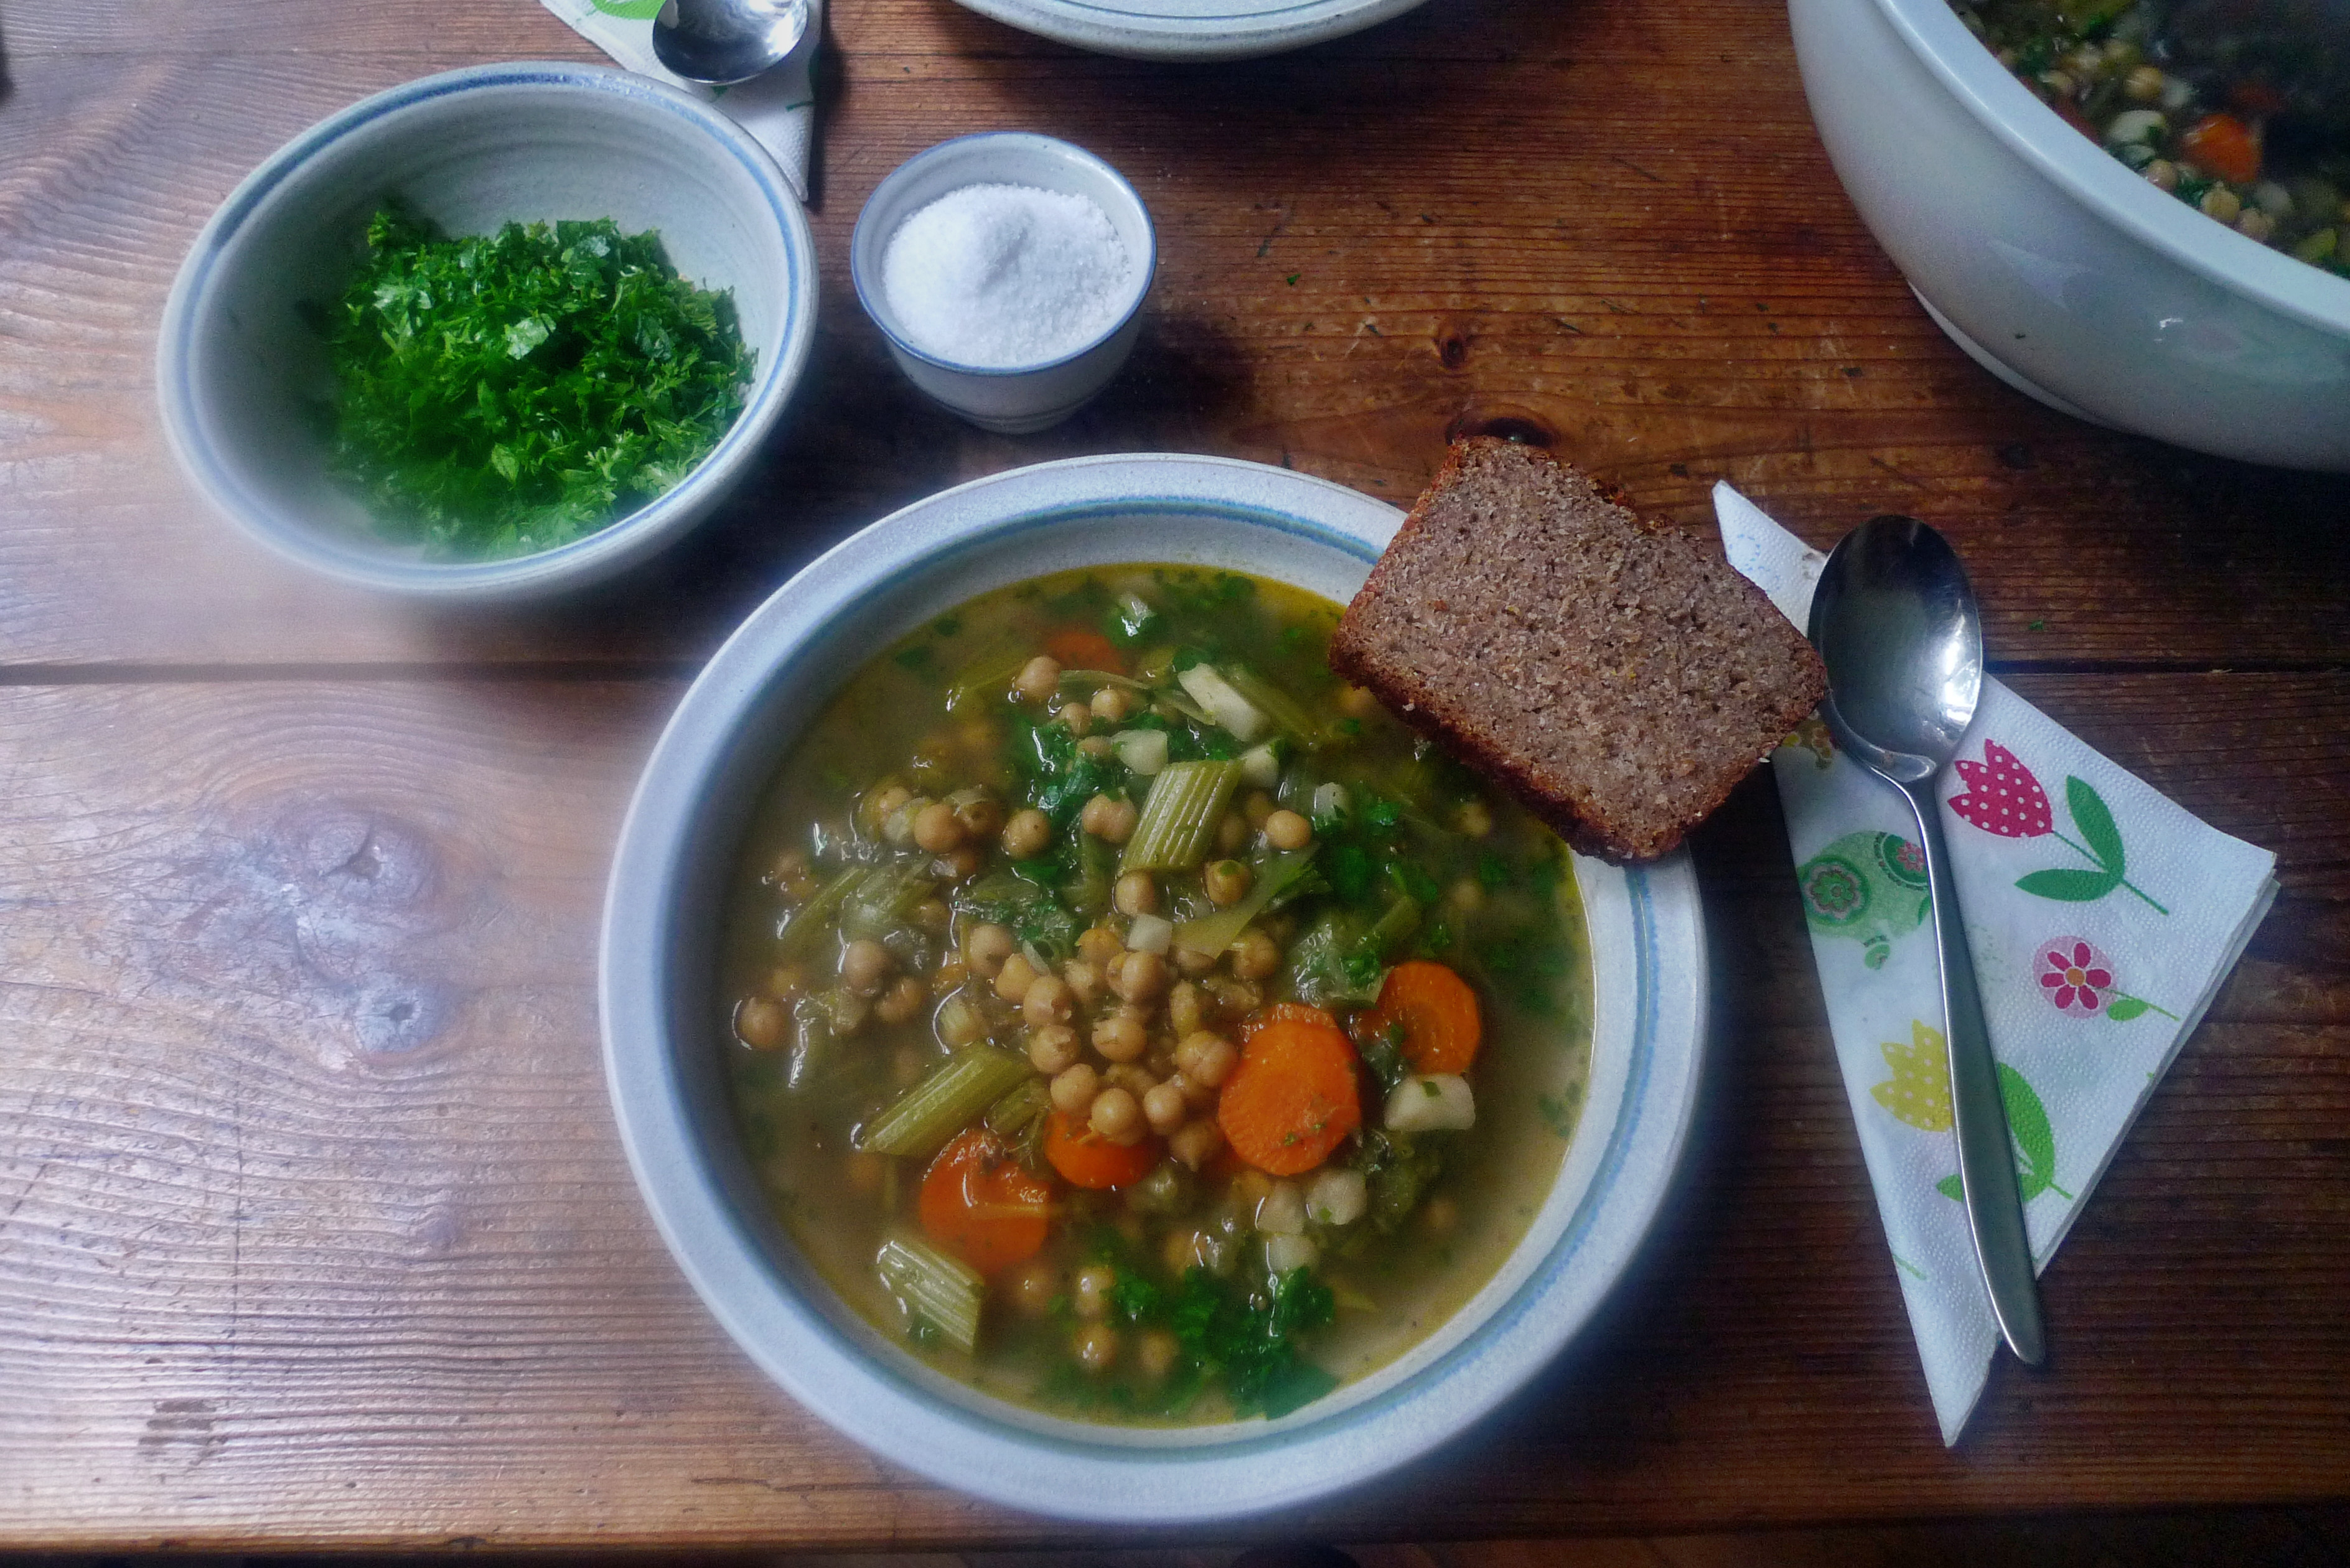 Gemüsesuppe mit Kichererbsen- vegan- 16.10.14   (16)